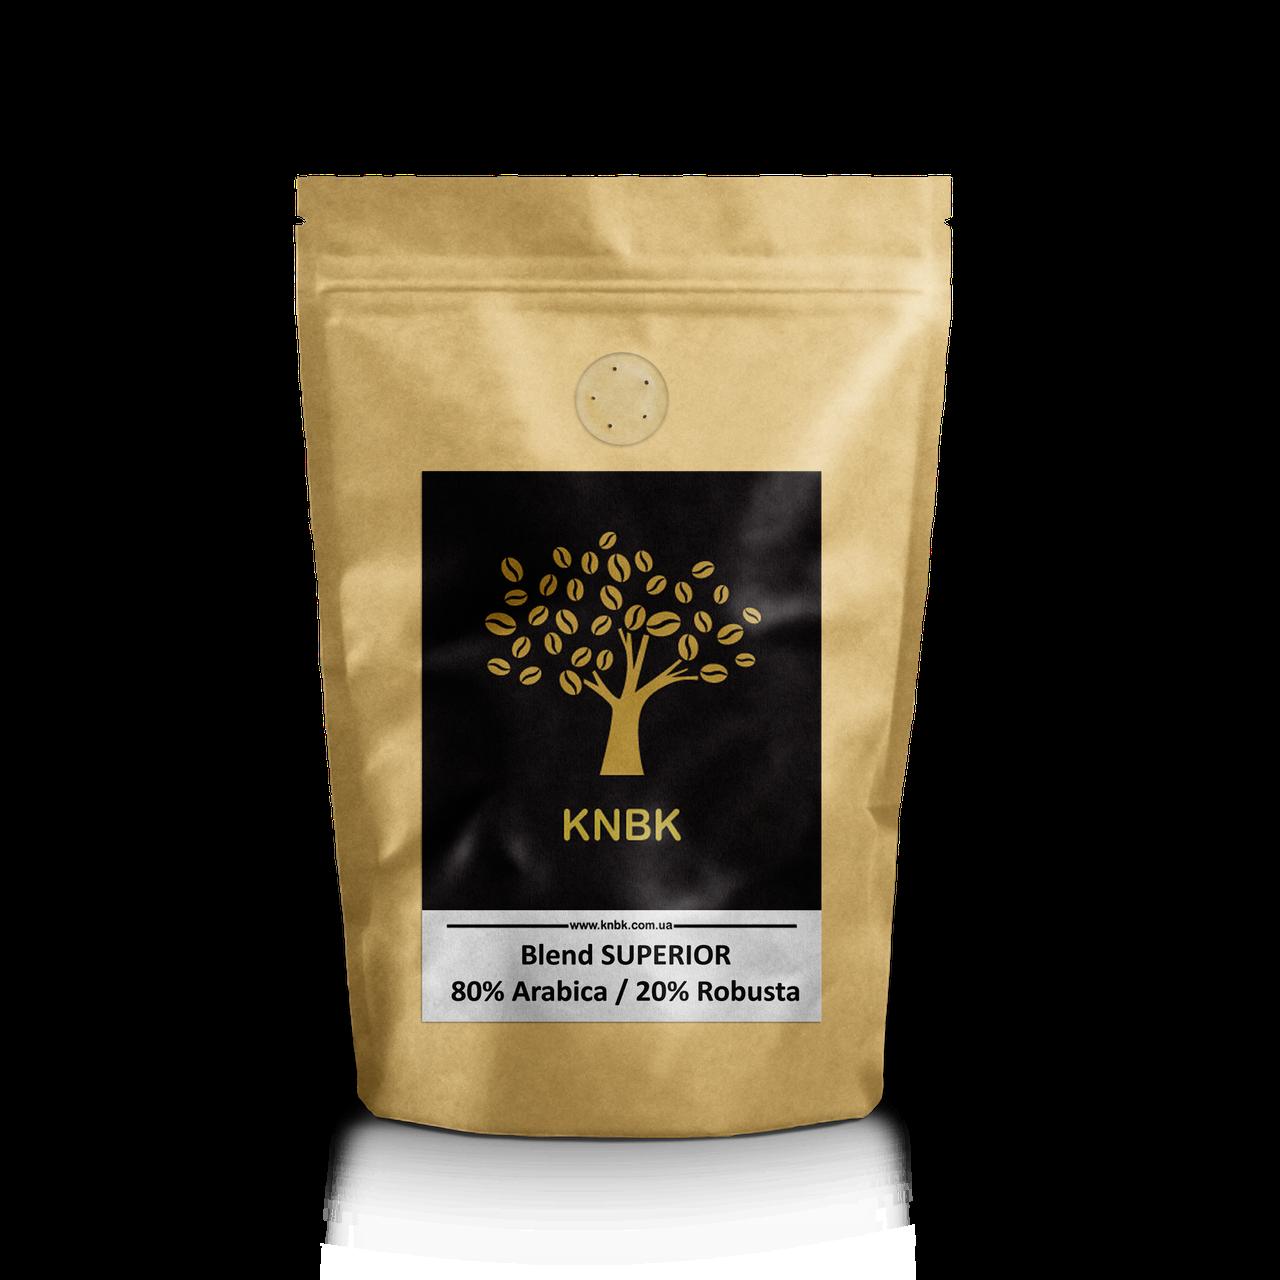 Купаж сортов KNBK SUPERIOR Арабика 80 % / Робуста 20 % 250г. Свежеобжаренный кофе